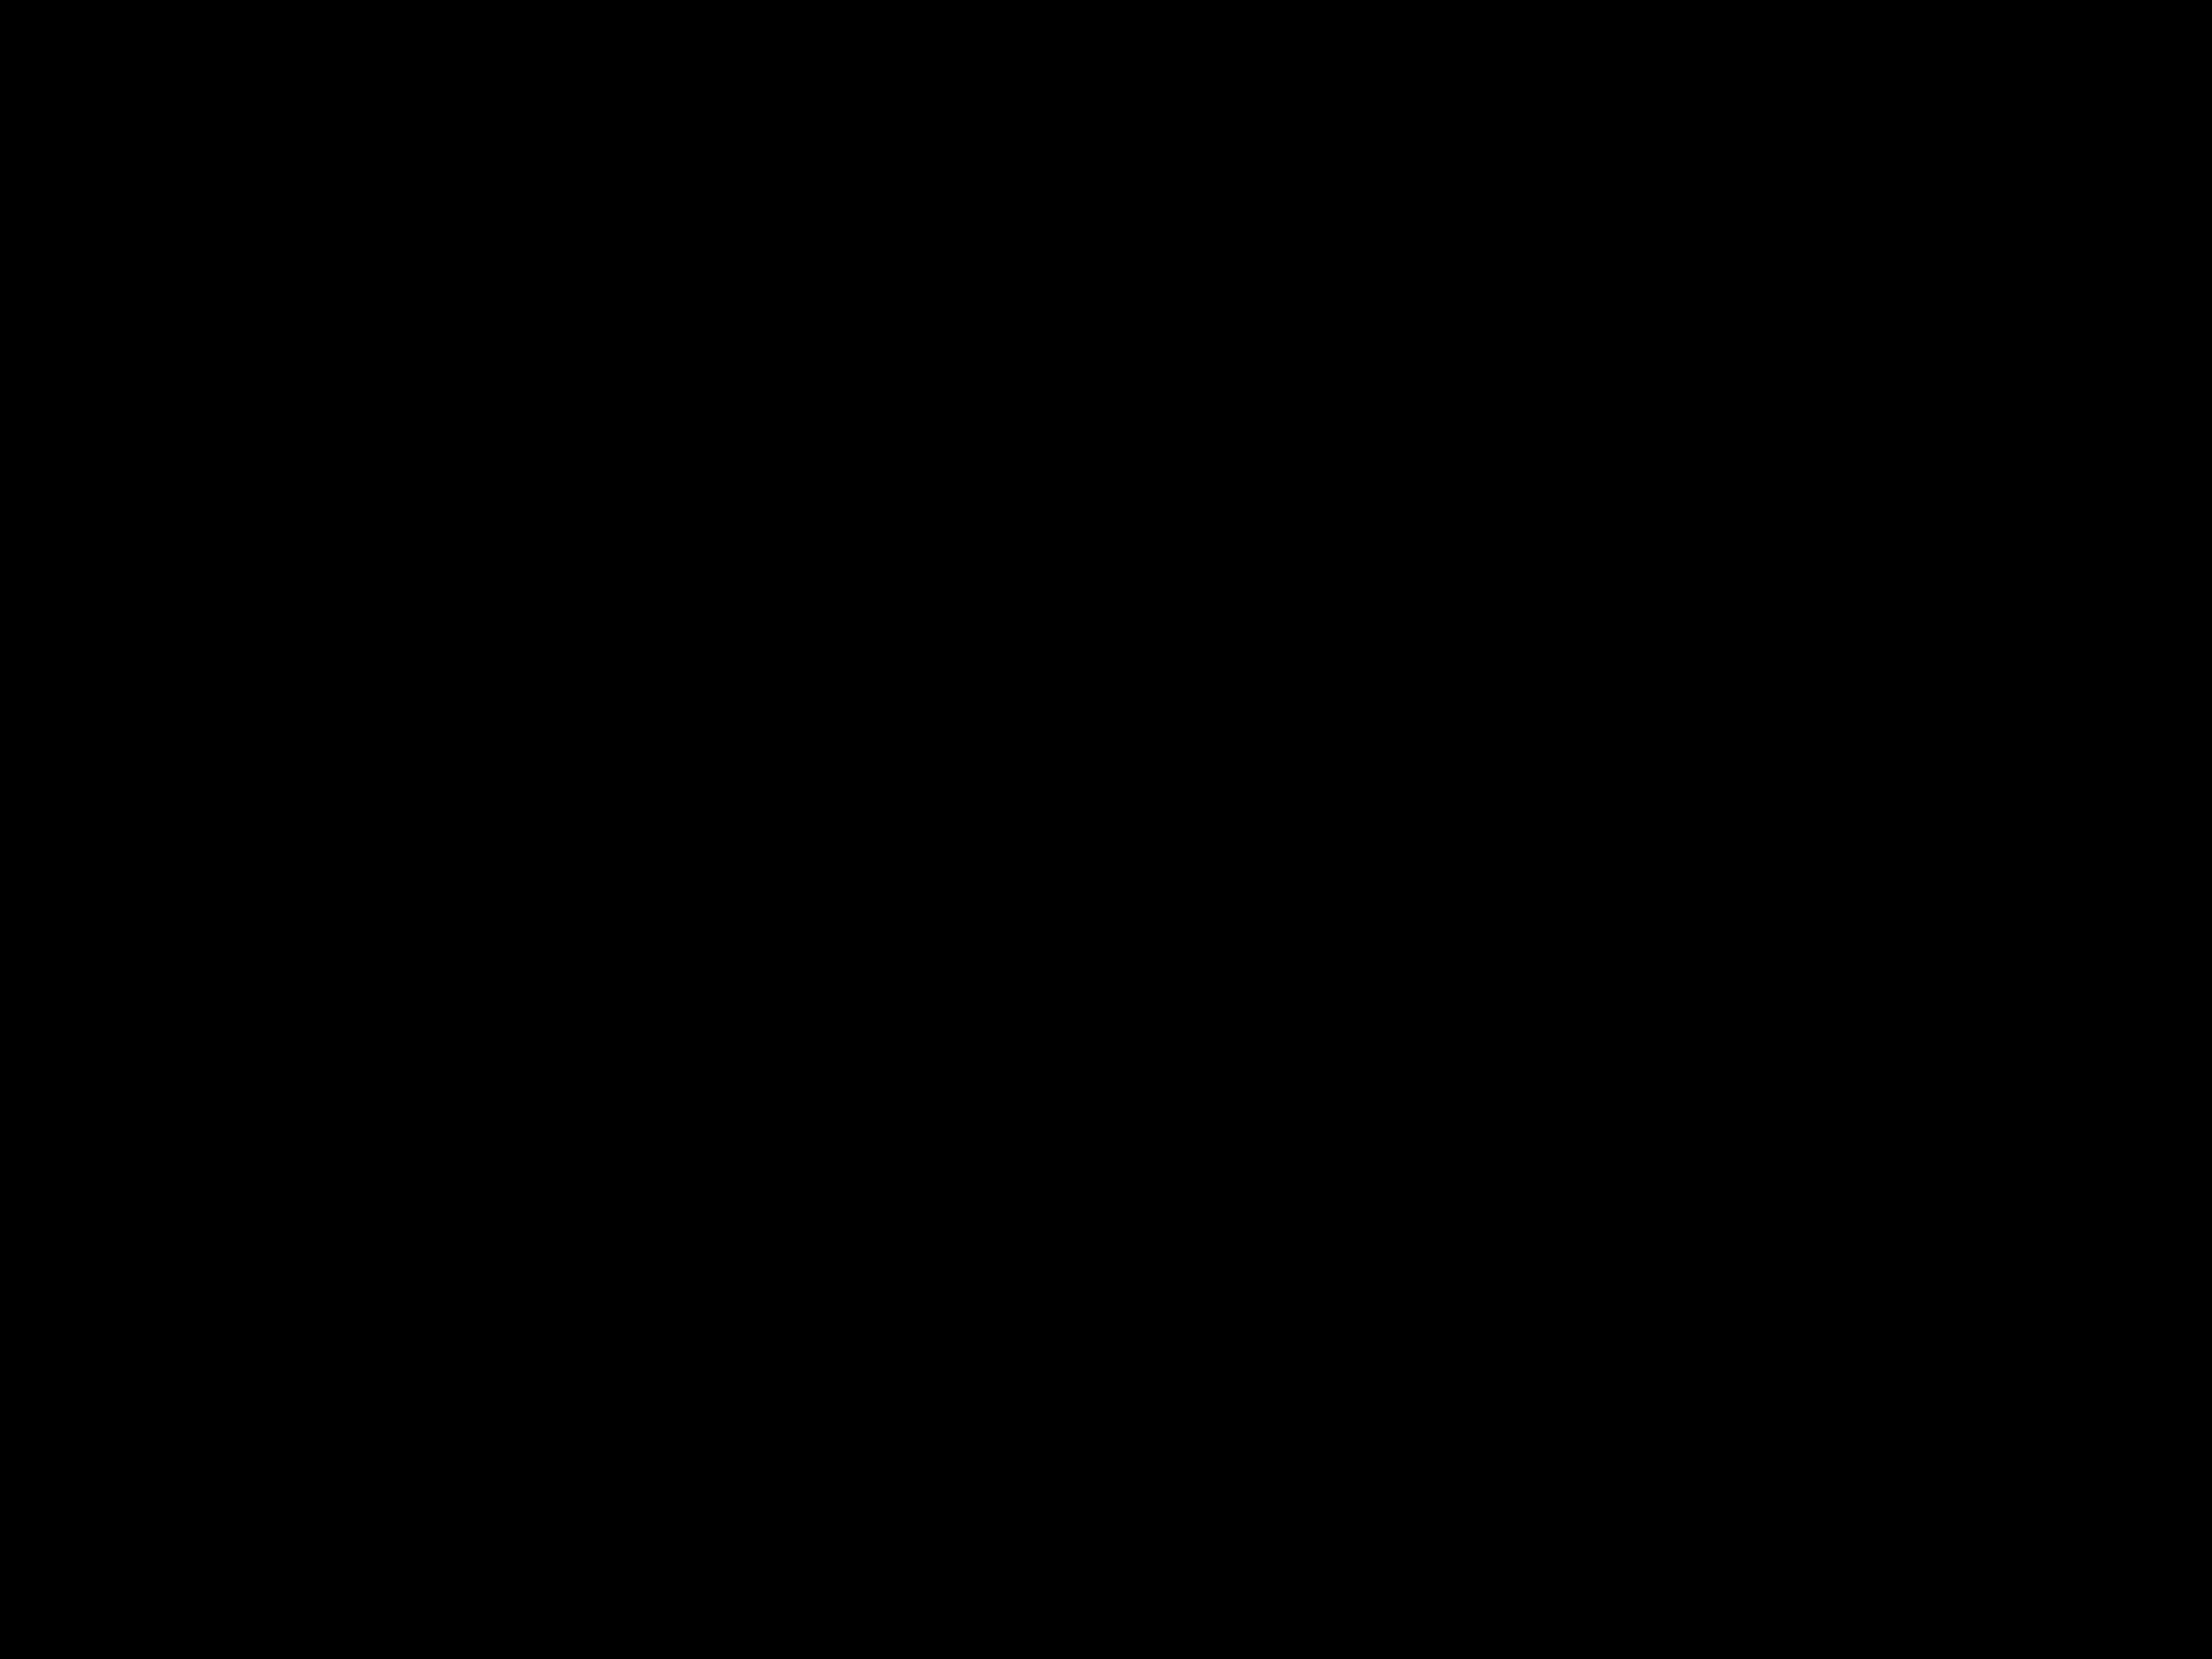 logo de Isifa Plus Values